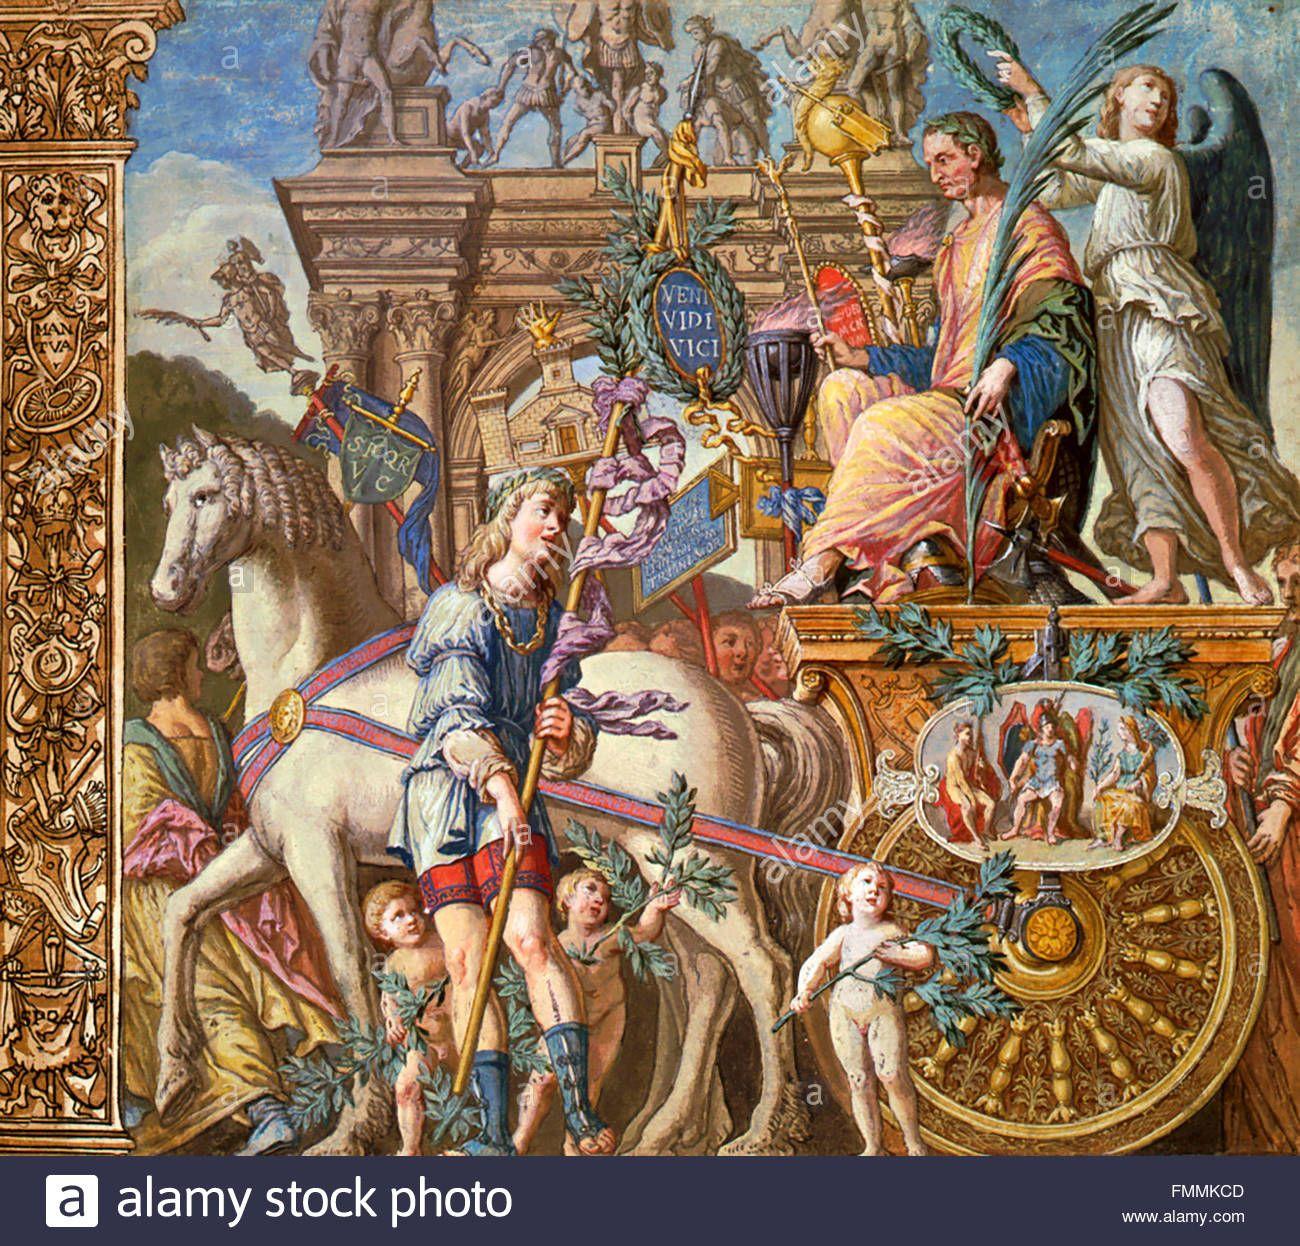 Download This Stock Image The Triumph Of Julius Caesar